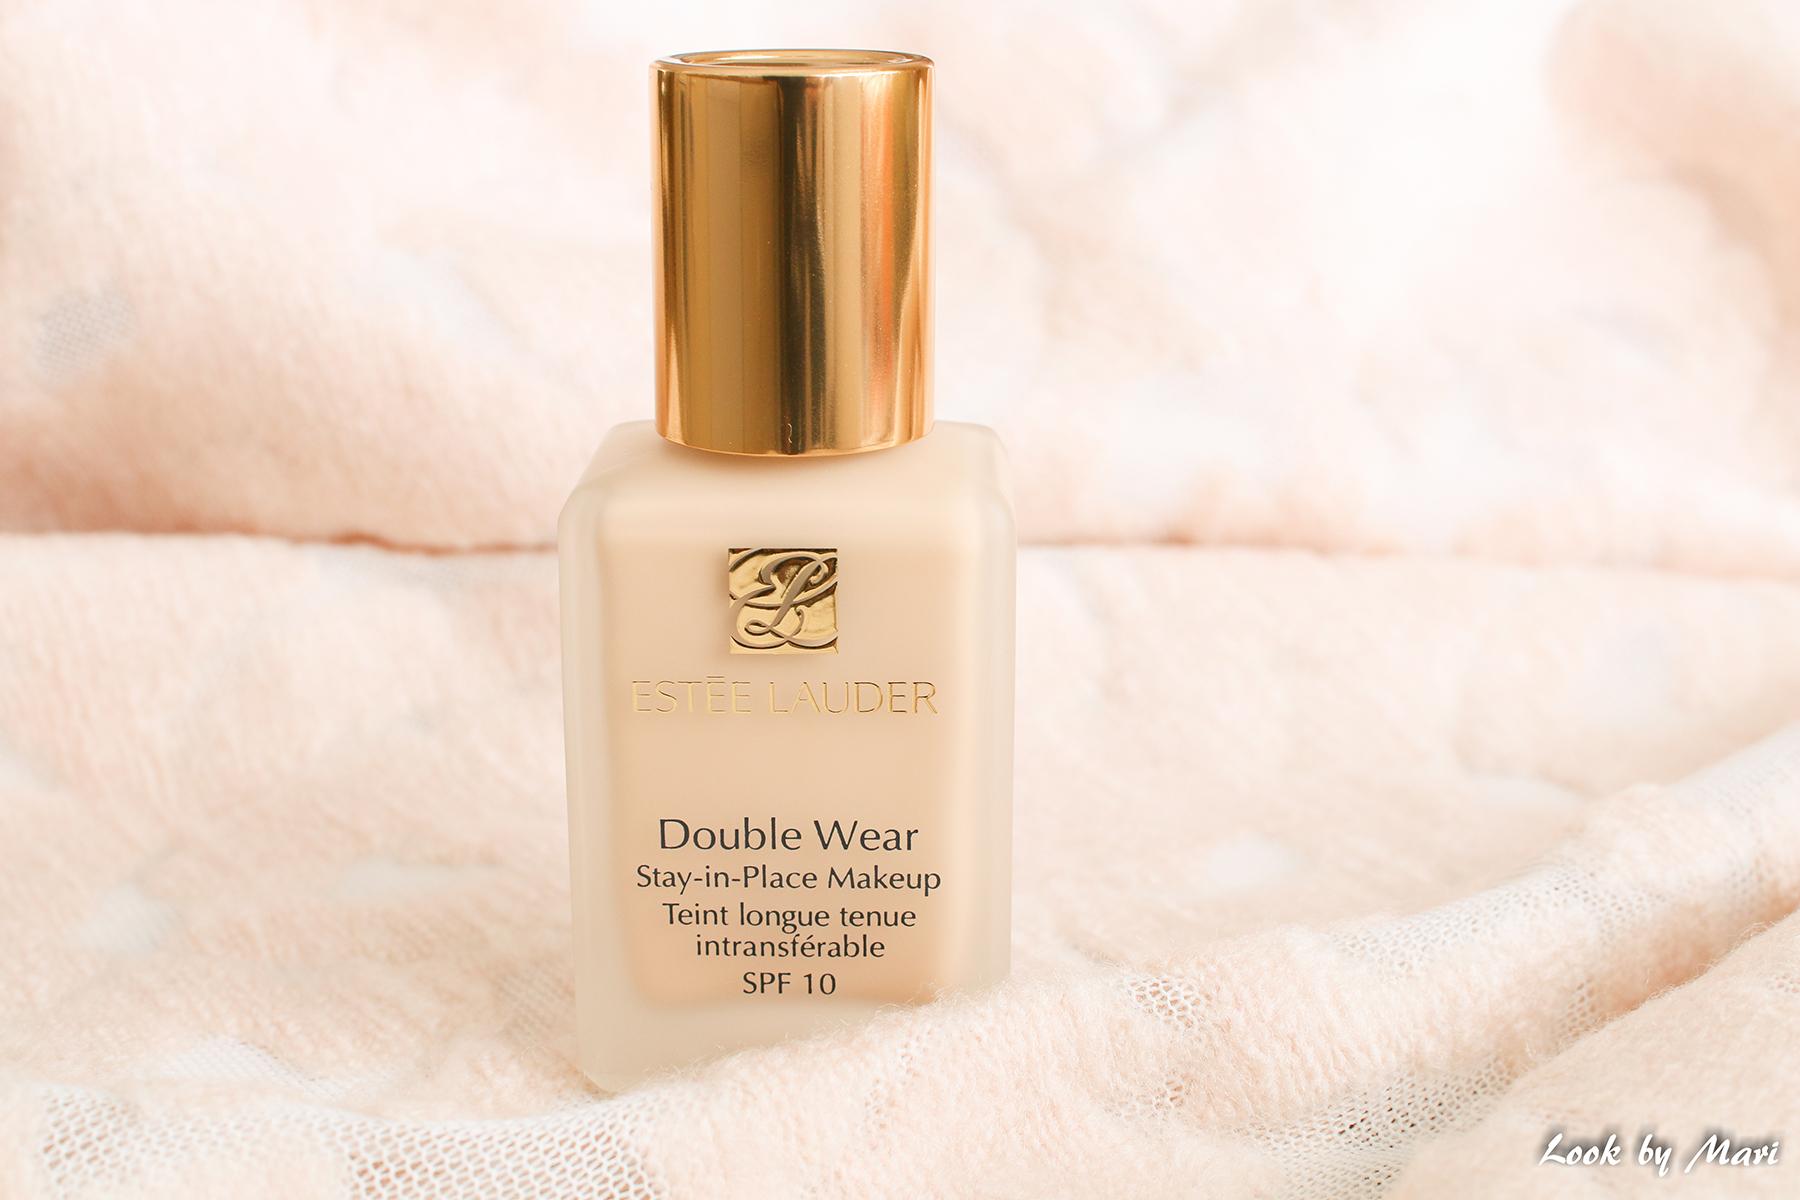 13 estee lauder double wear meikkivoide rasvaiselle iholle sekaiholle kokemuksia onko hyvä